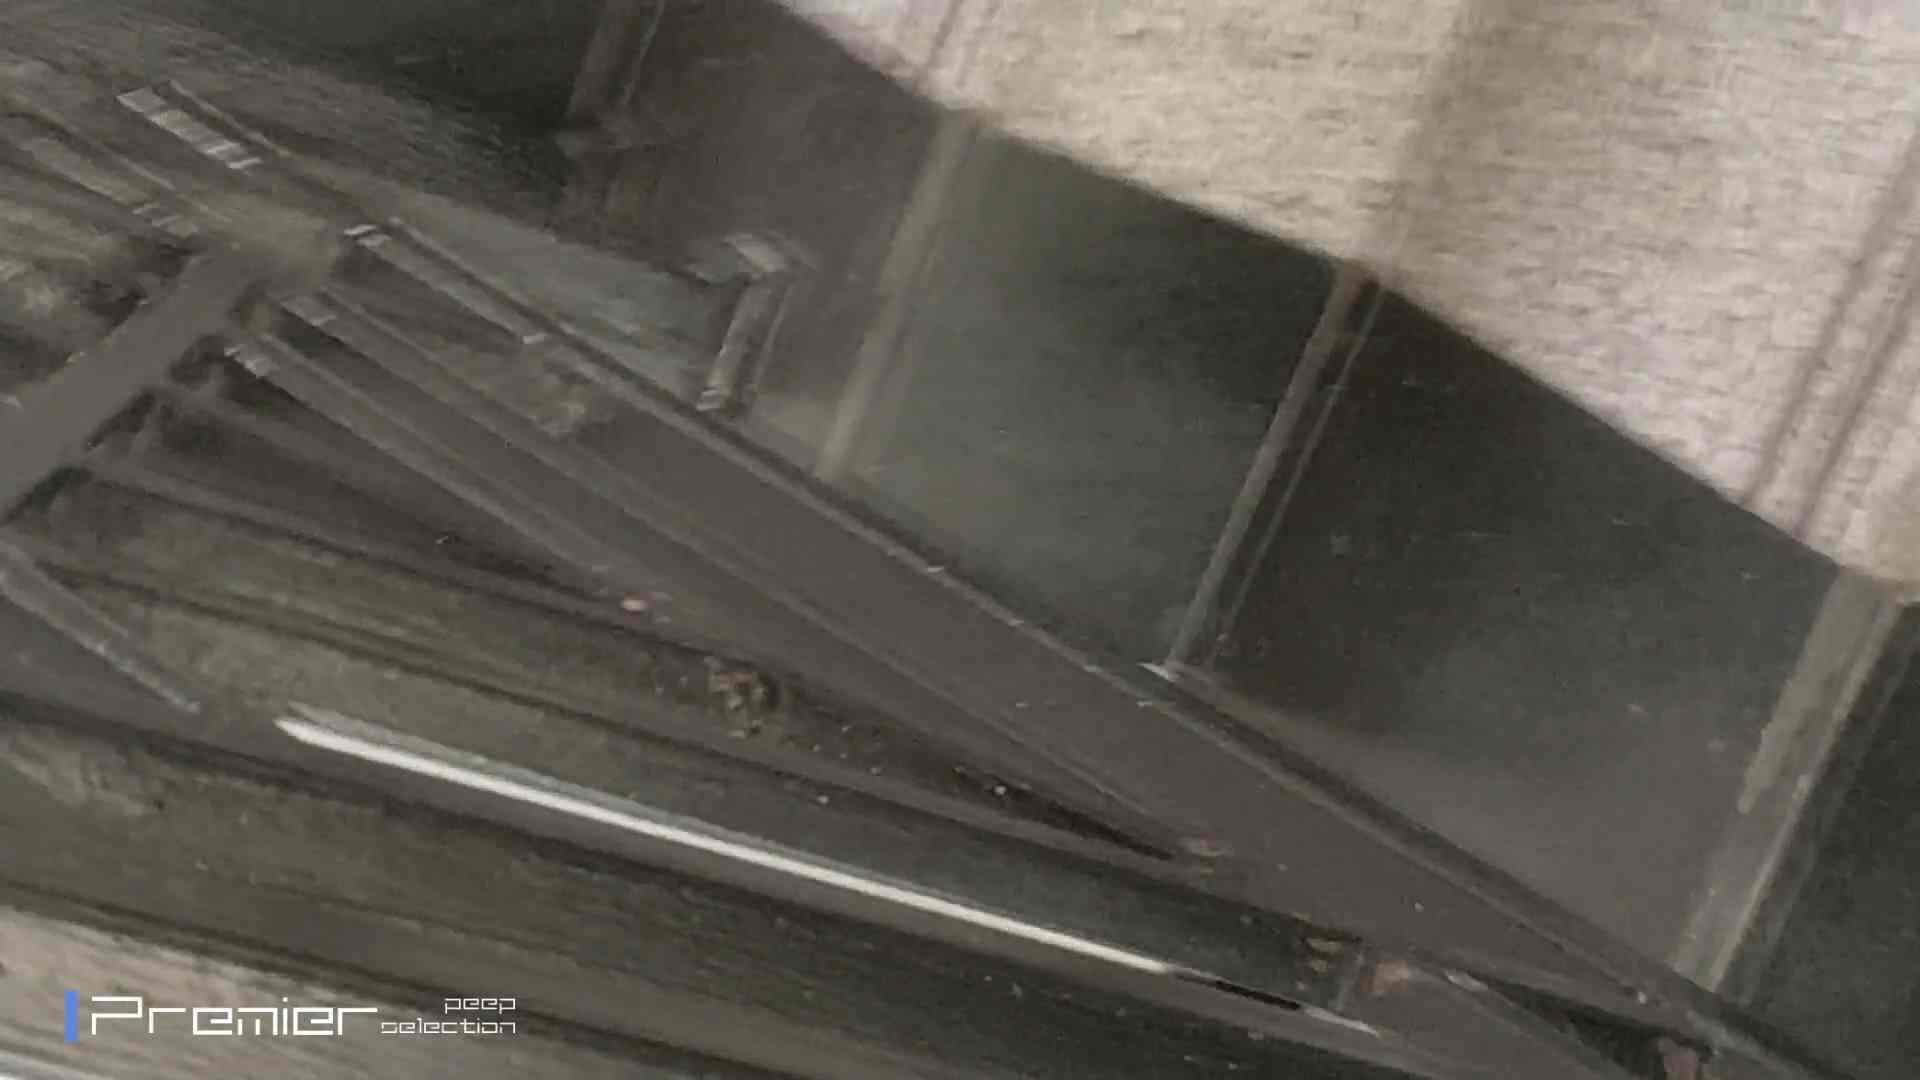 生理用ナプキン交換 大学休憩時間の洗面所事情77 美女達のヌード   お姉さん達のヌード  98連発 16